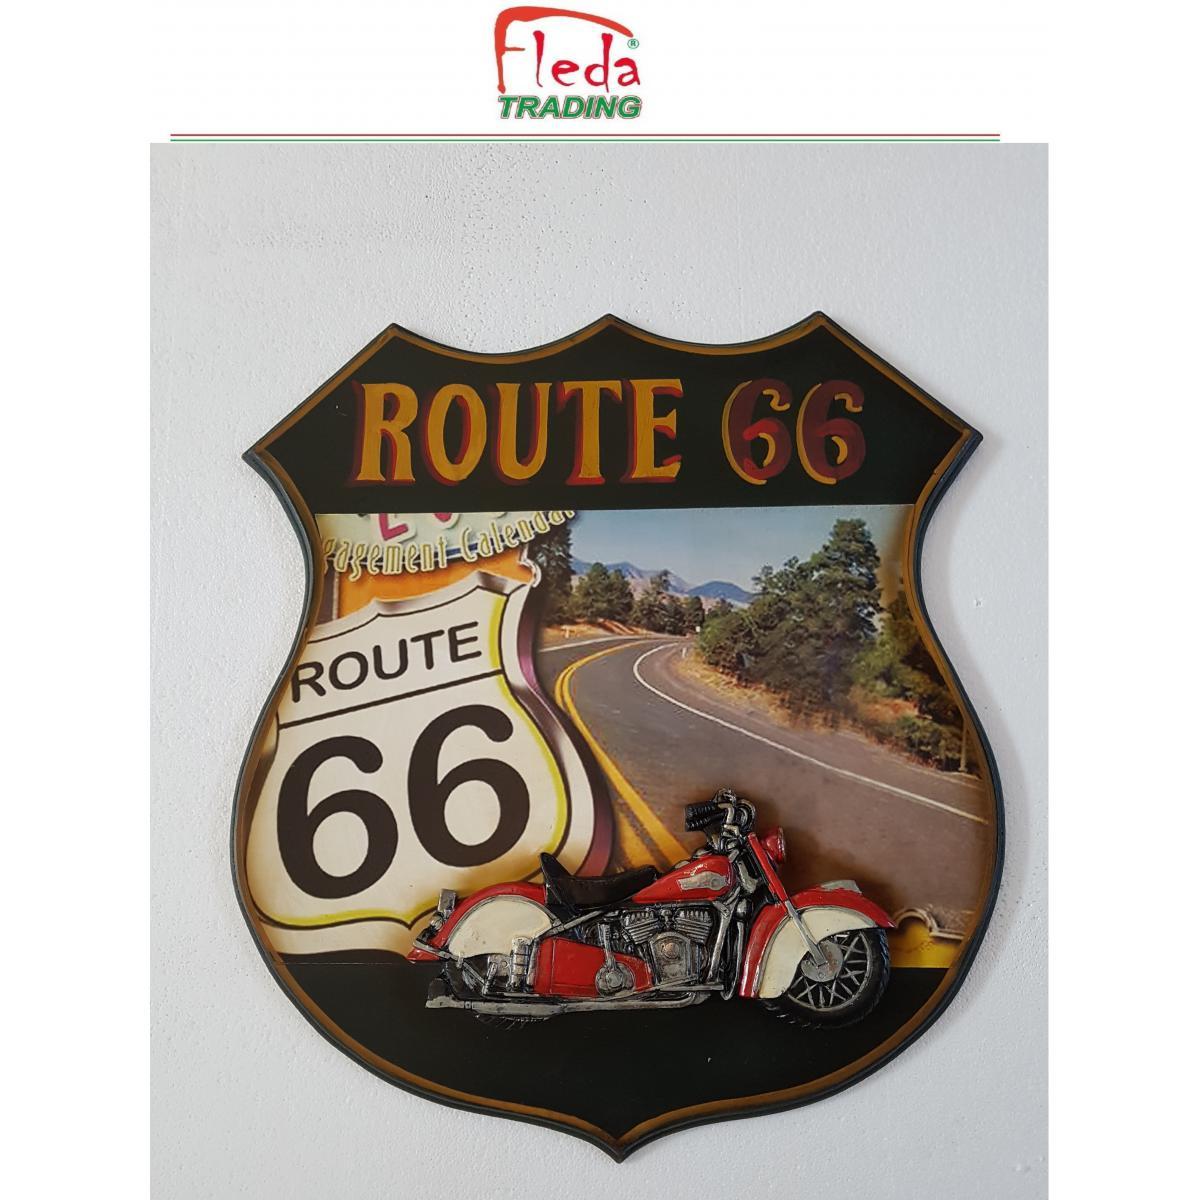 Fleda Trading Cadre Bois Plaque Vintage ROUTE 66 TRÈS CULT. Décoration murale DIM 50X45